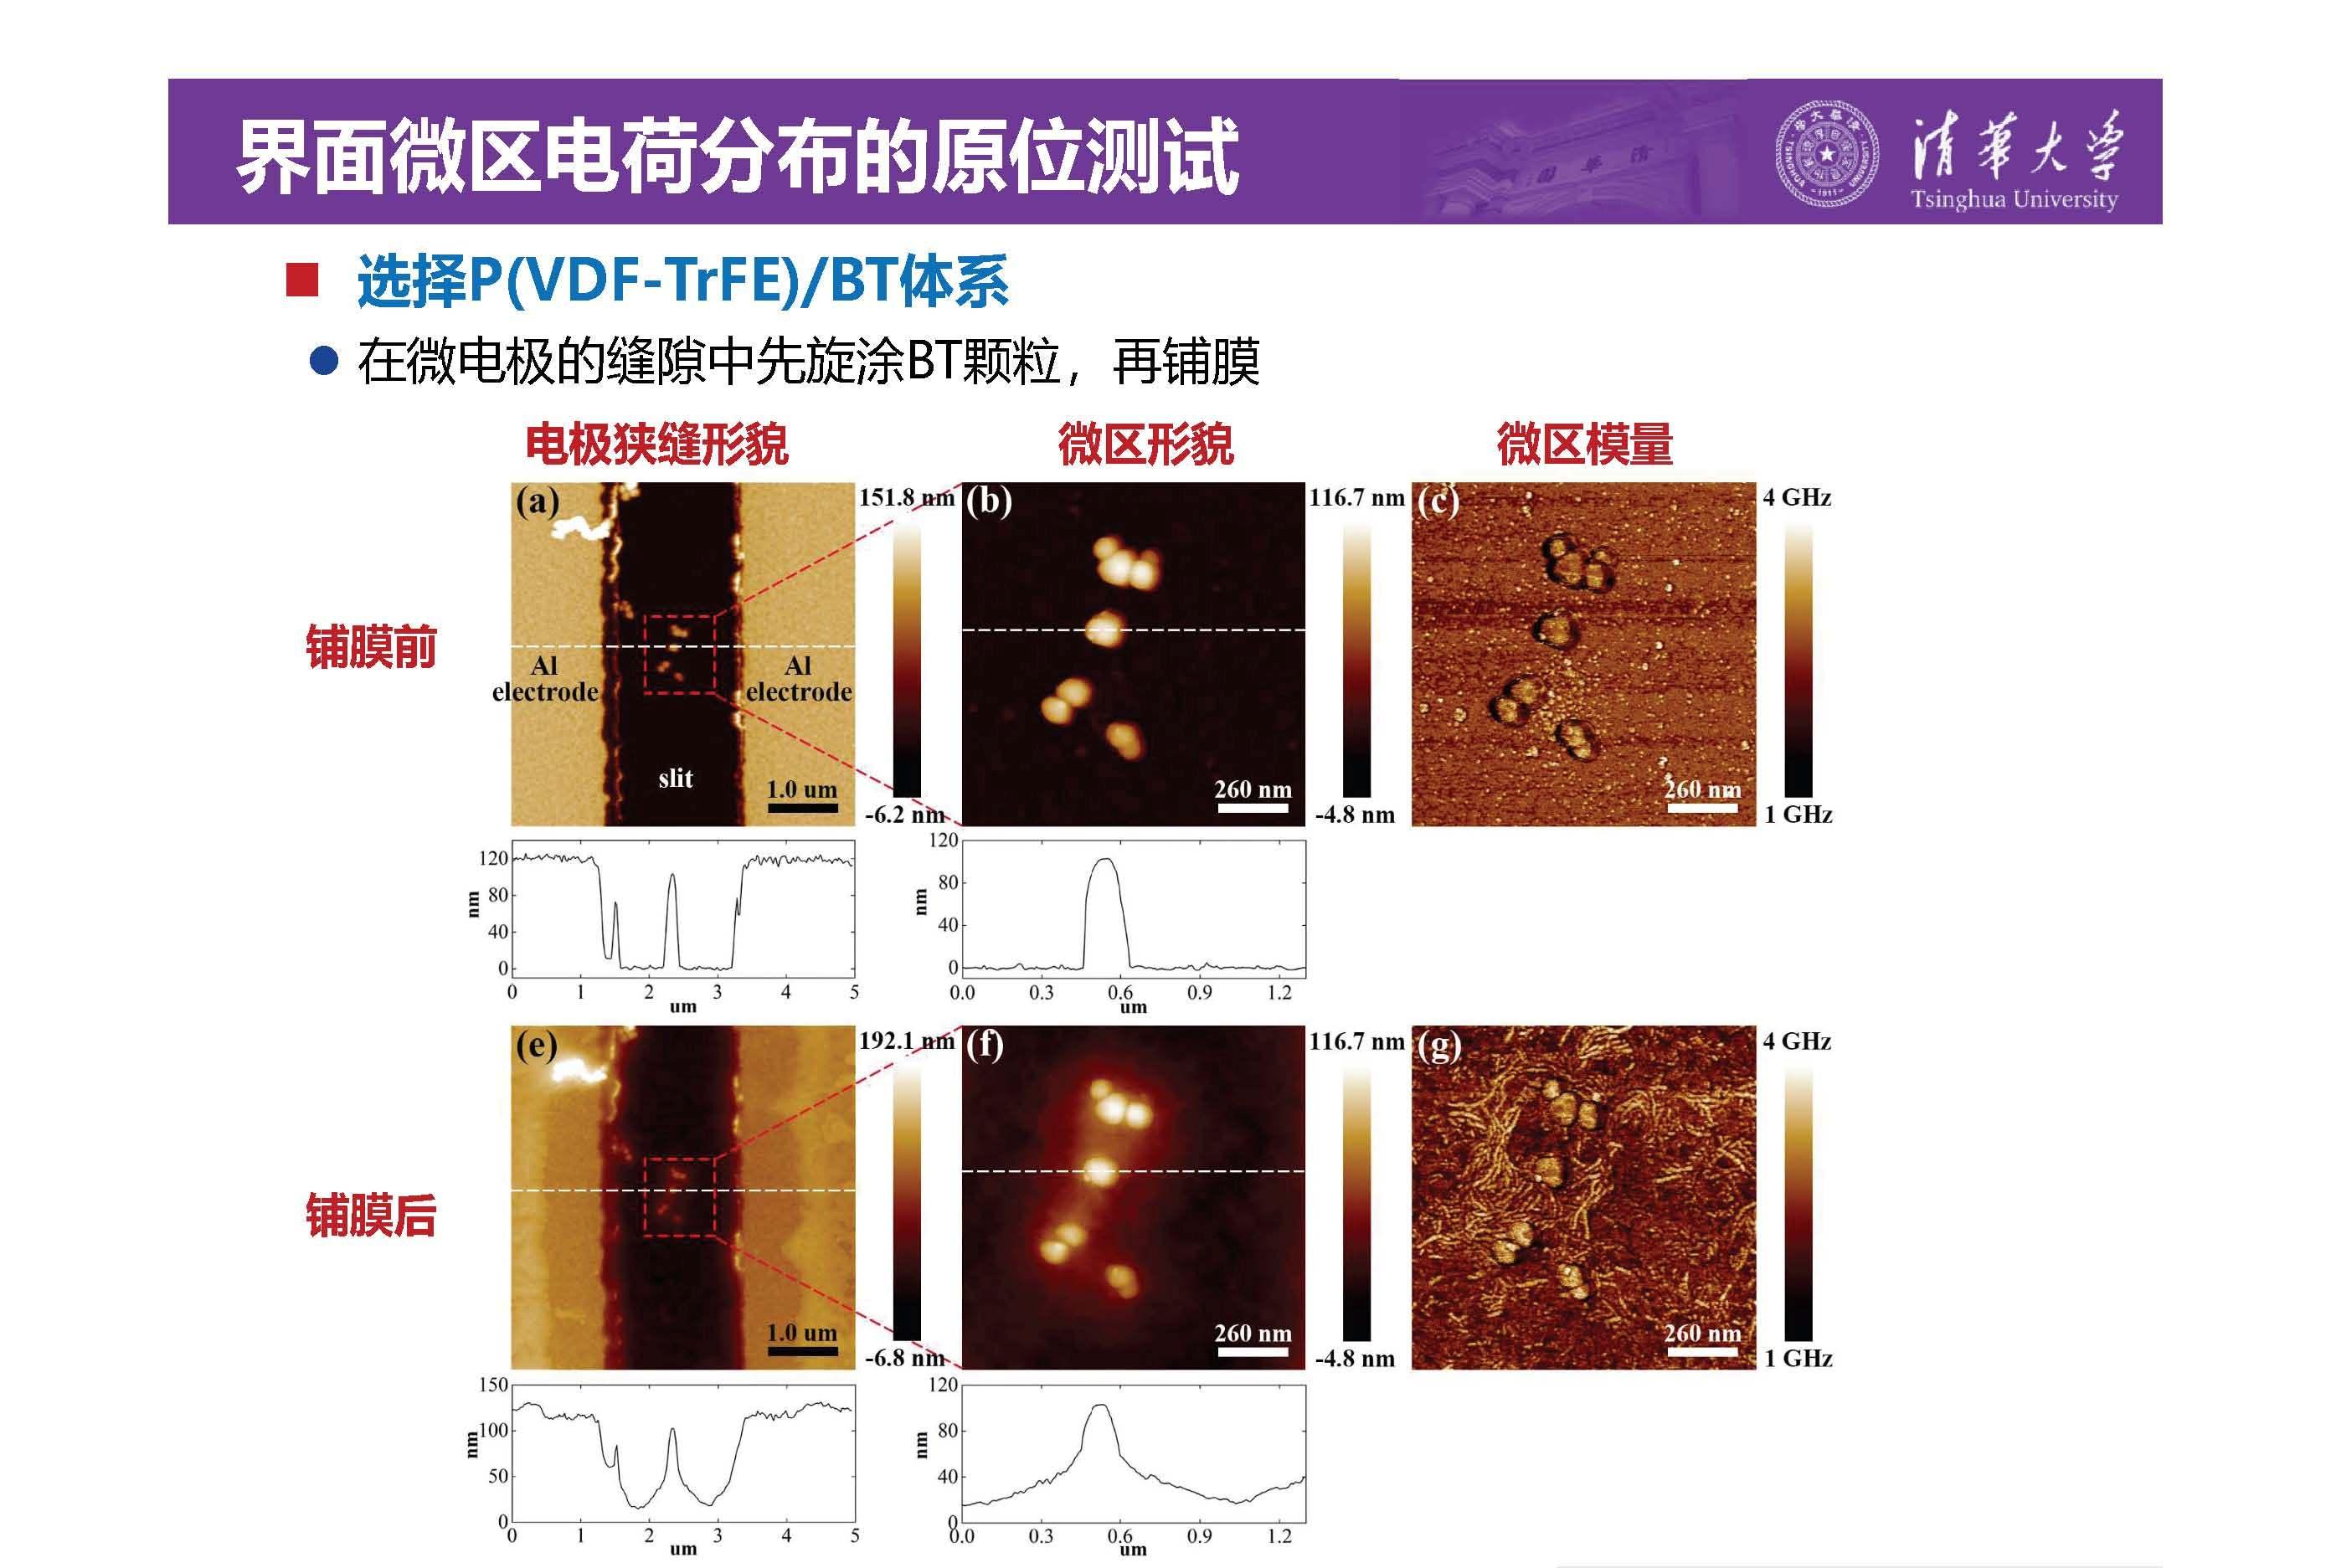 清华大学李琦副教授:介电纳米复合材料界面微区的原位测试技术